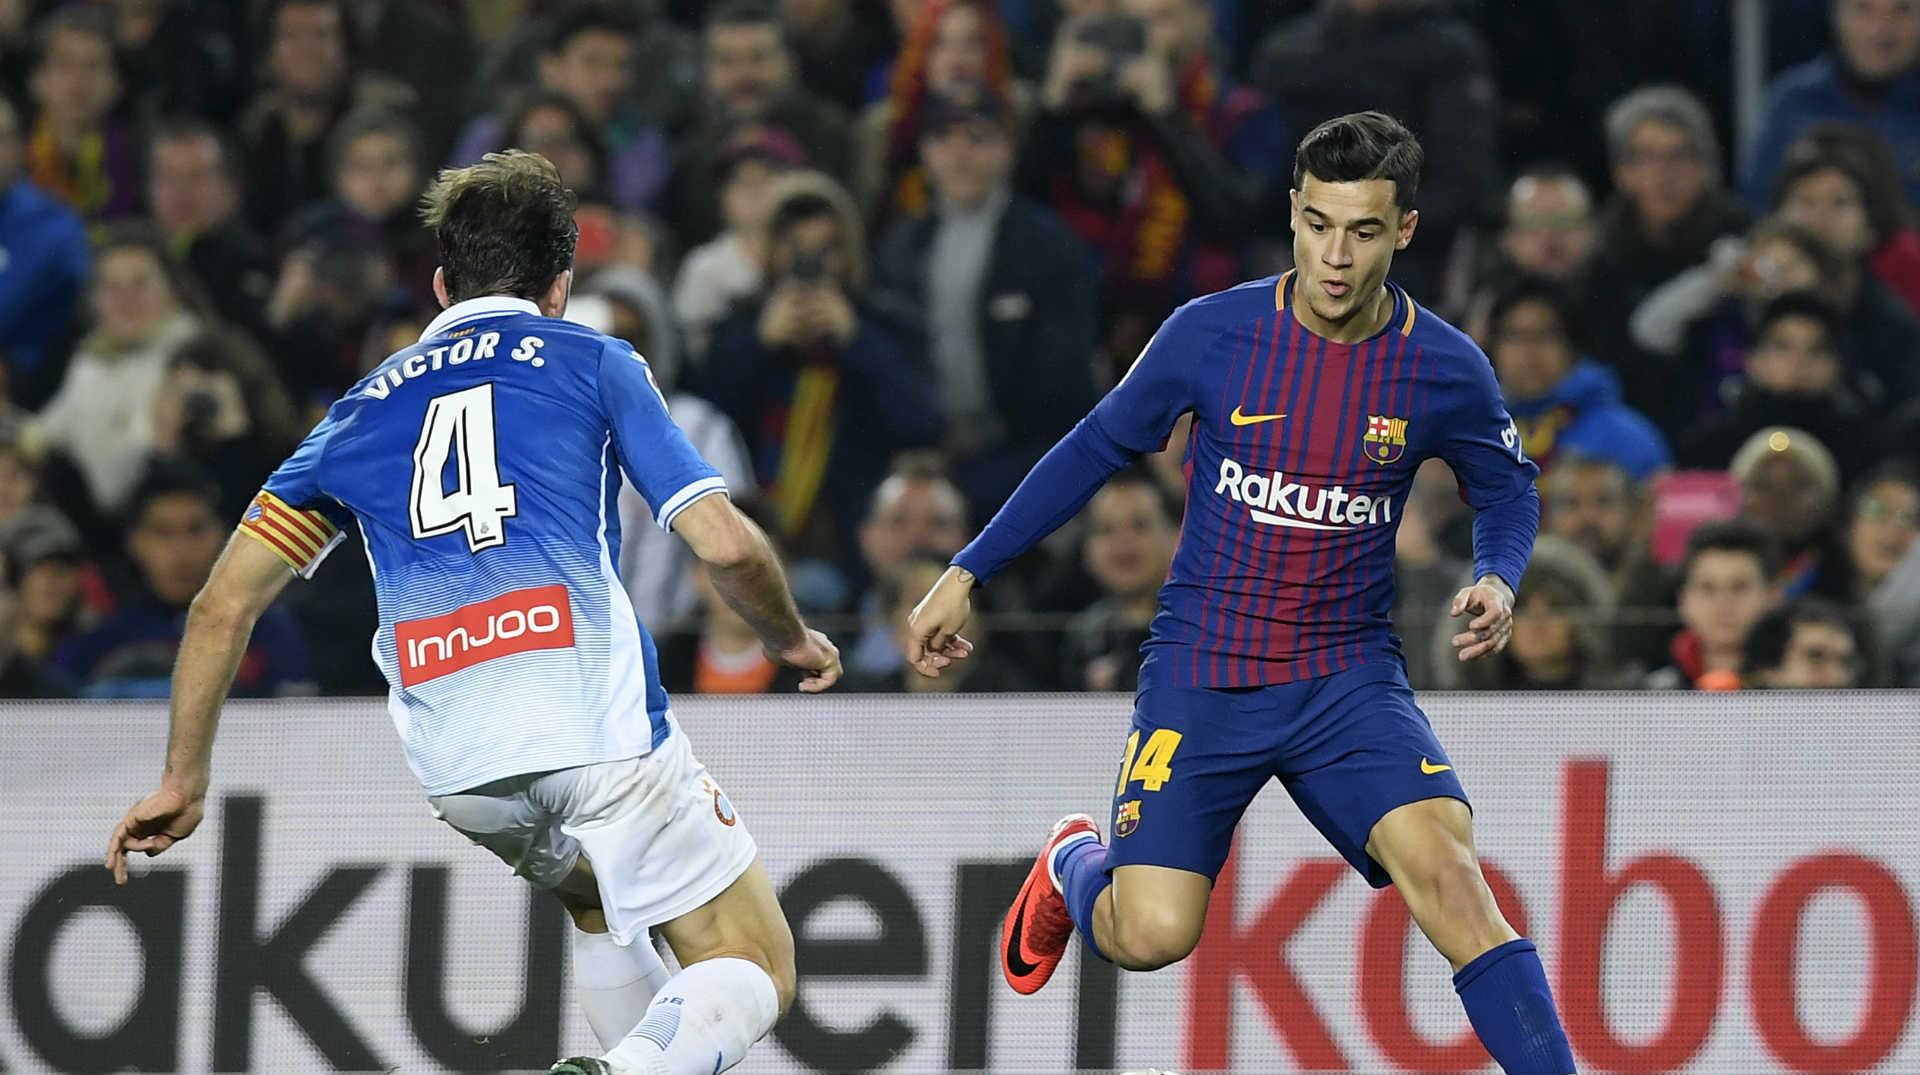 Acabou o mistério: Barcelona confirma que Coutinho usará 'número pesado' no clube